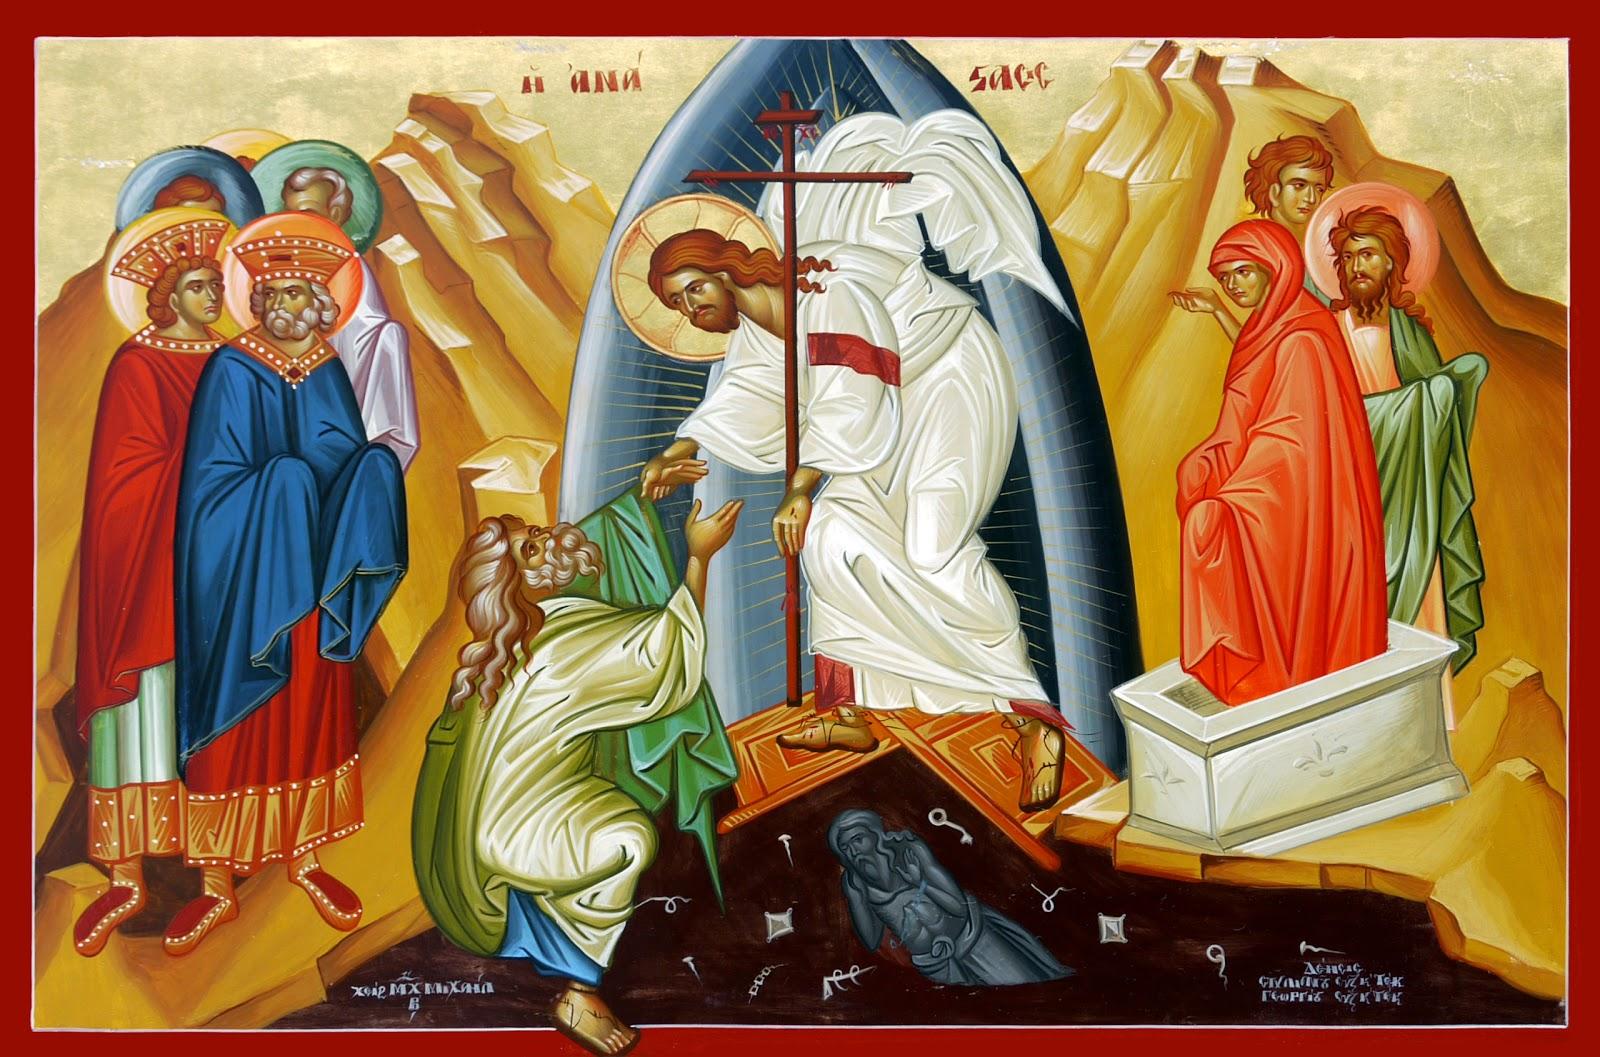 Χριστός Ανέστη! Christ is risen!